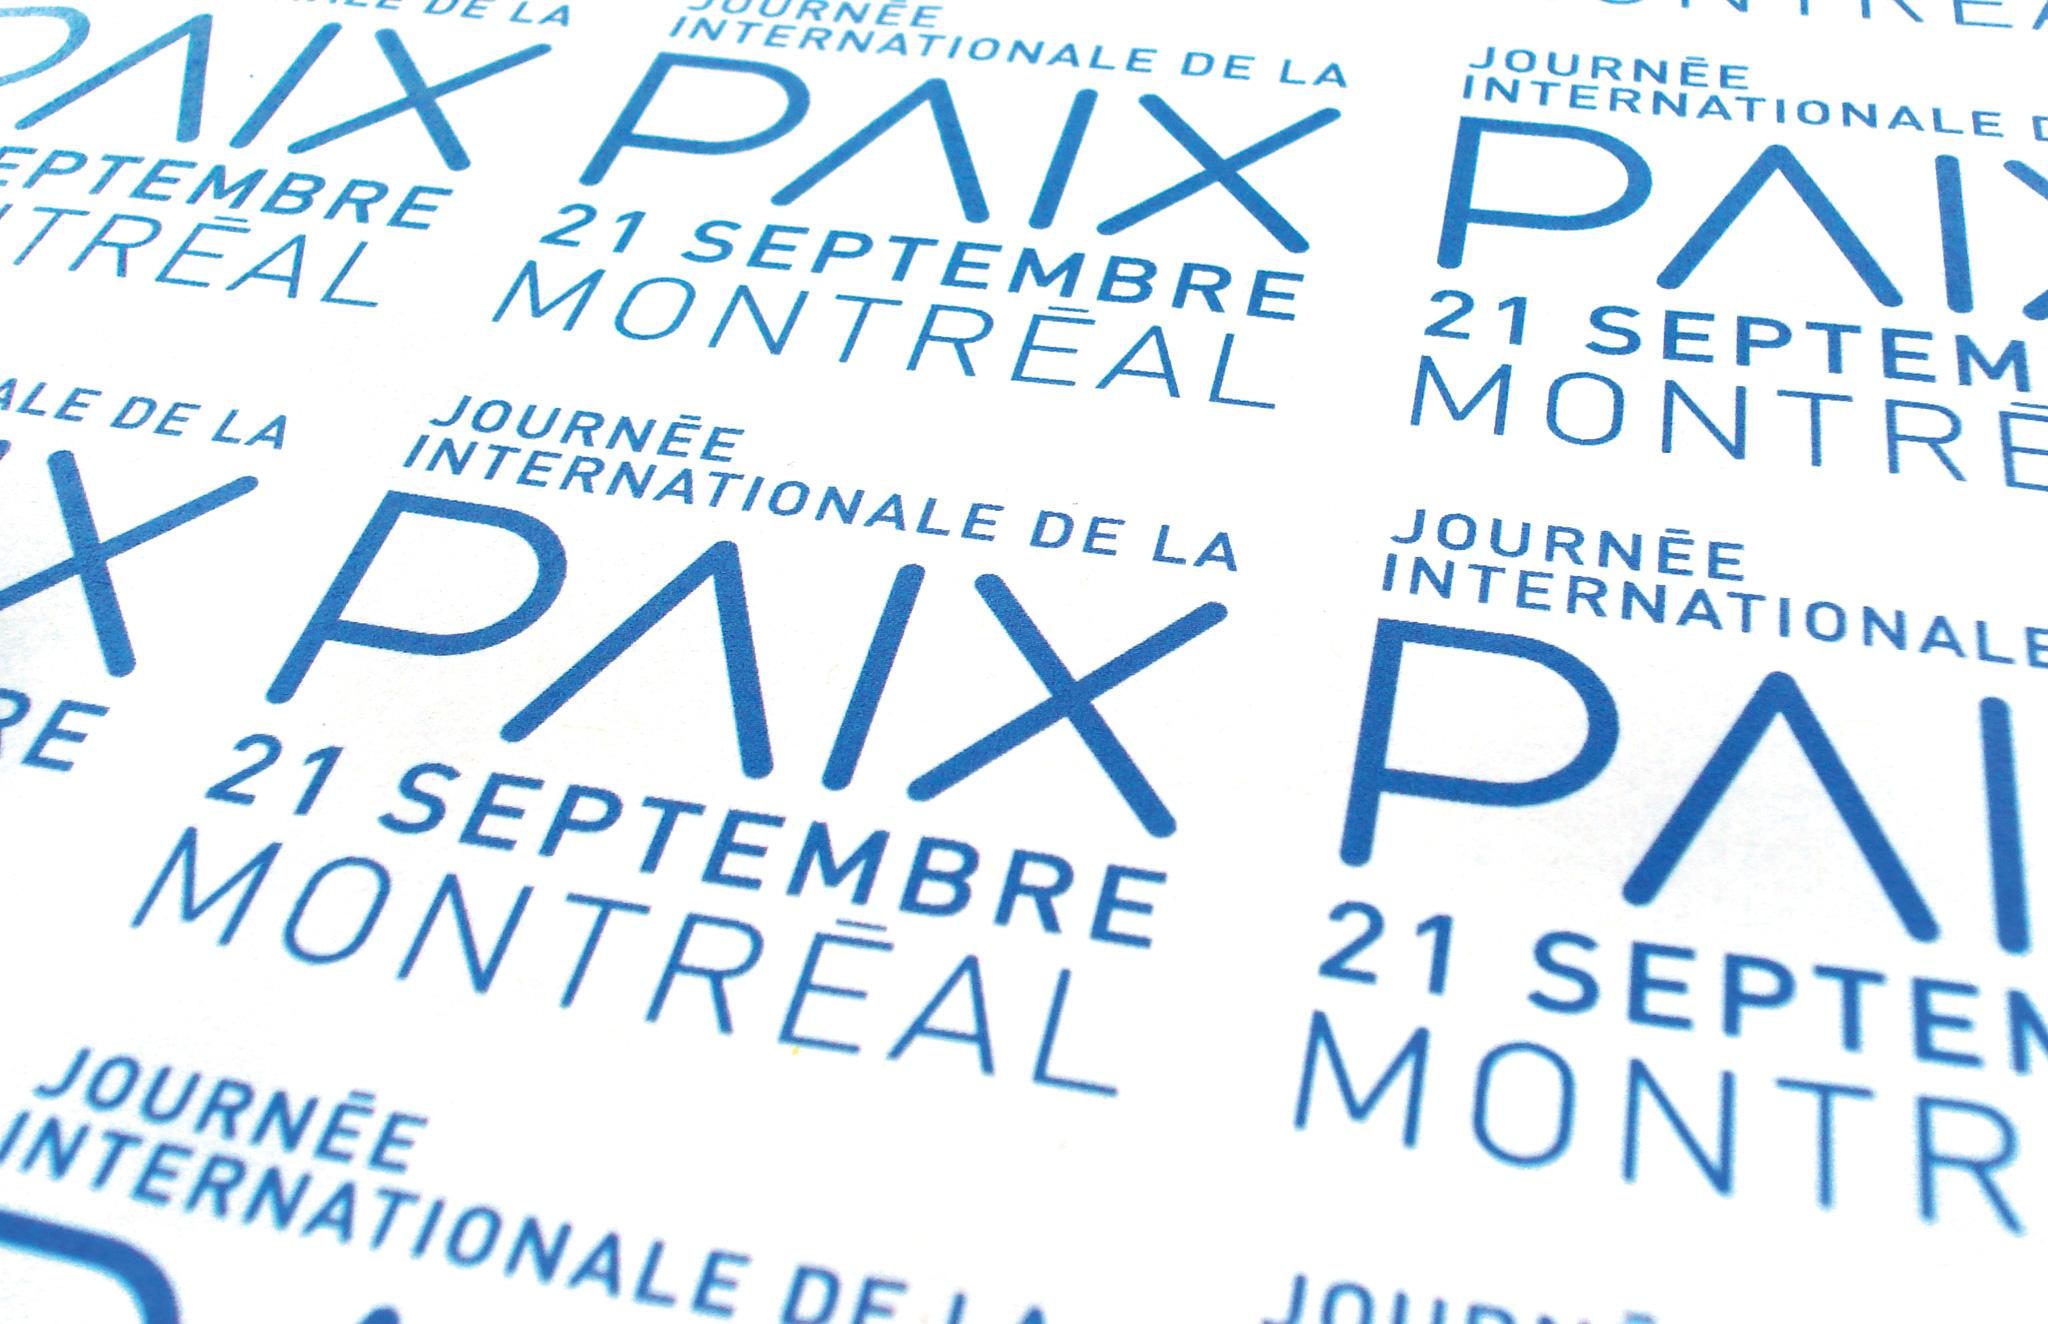 Logo pour la Journée Internationale de la Paix de Montréal.